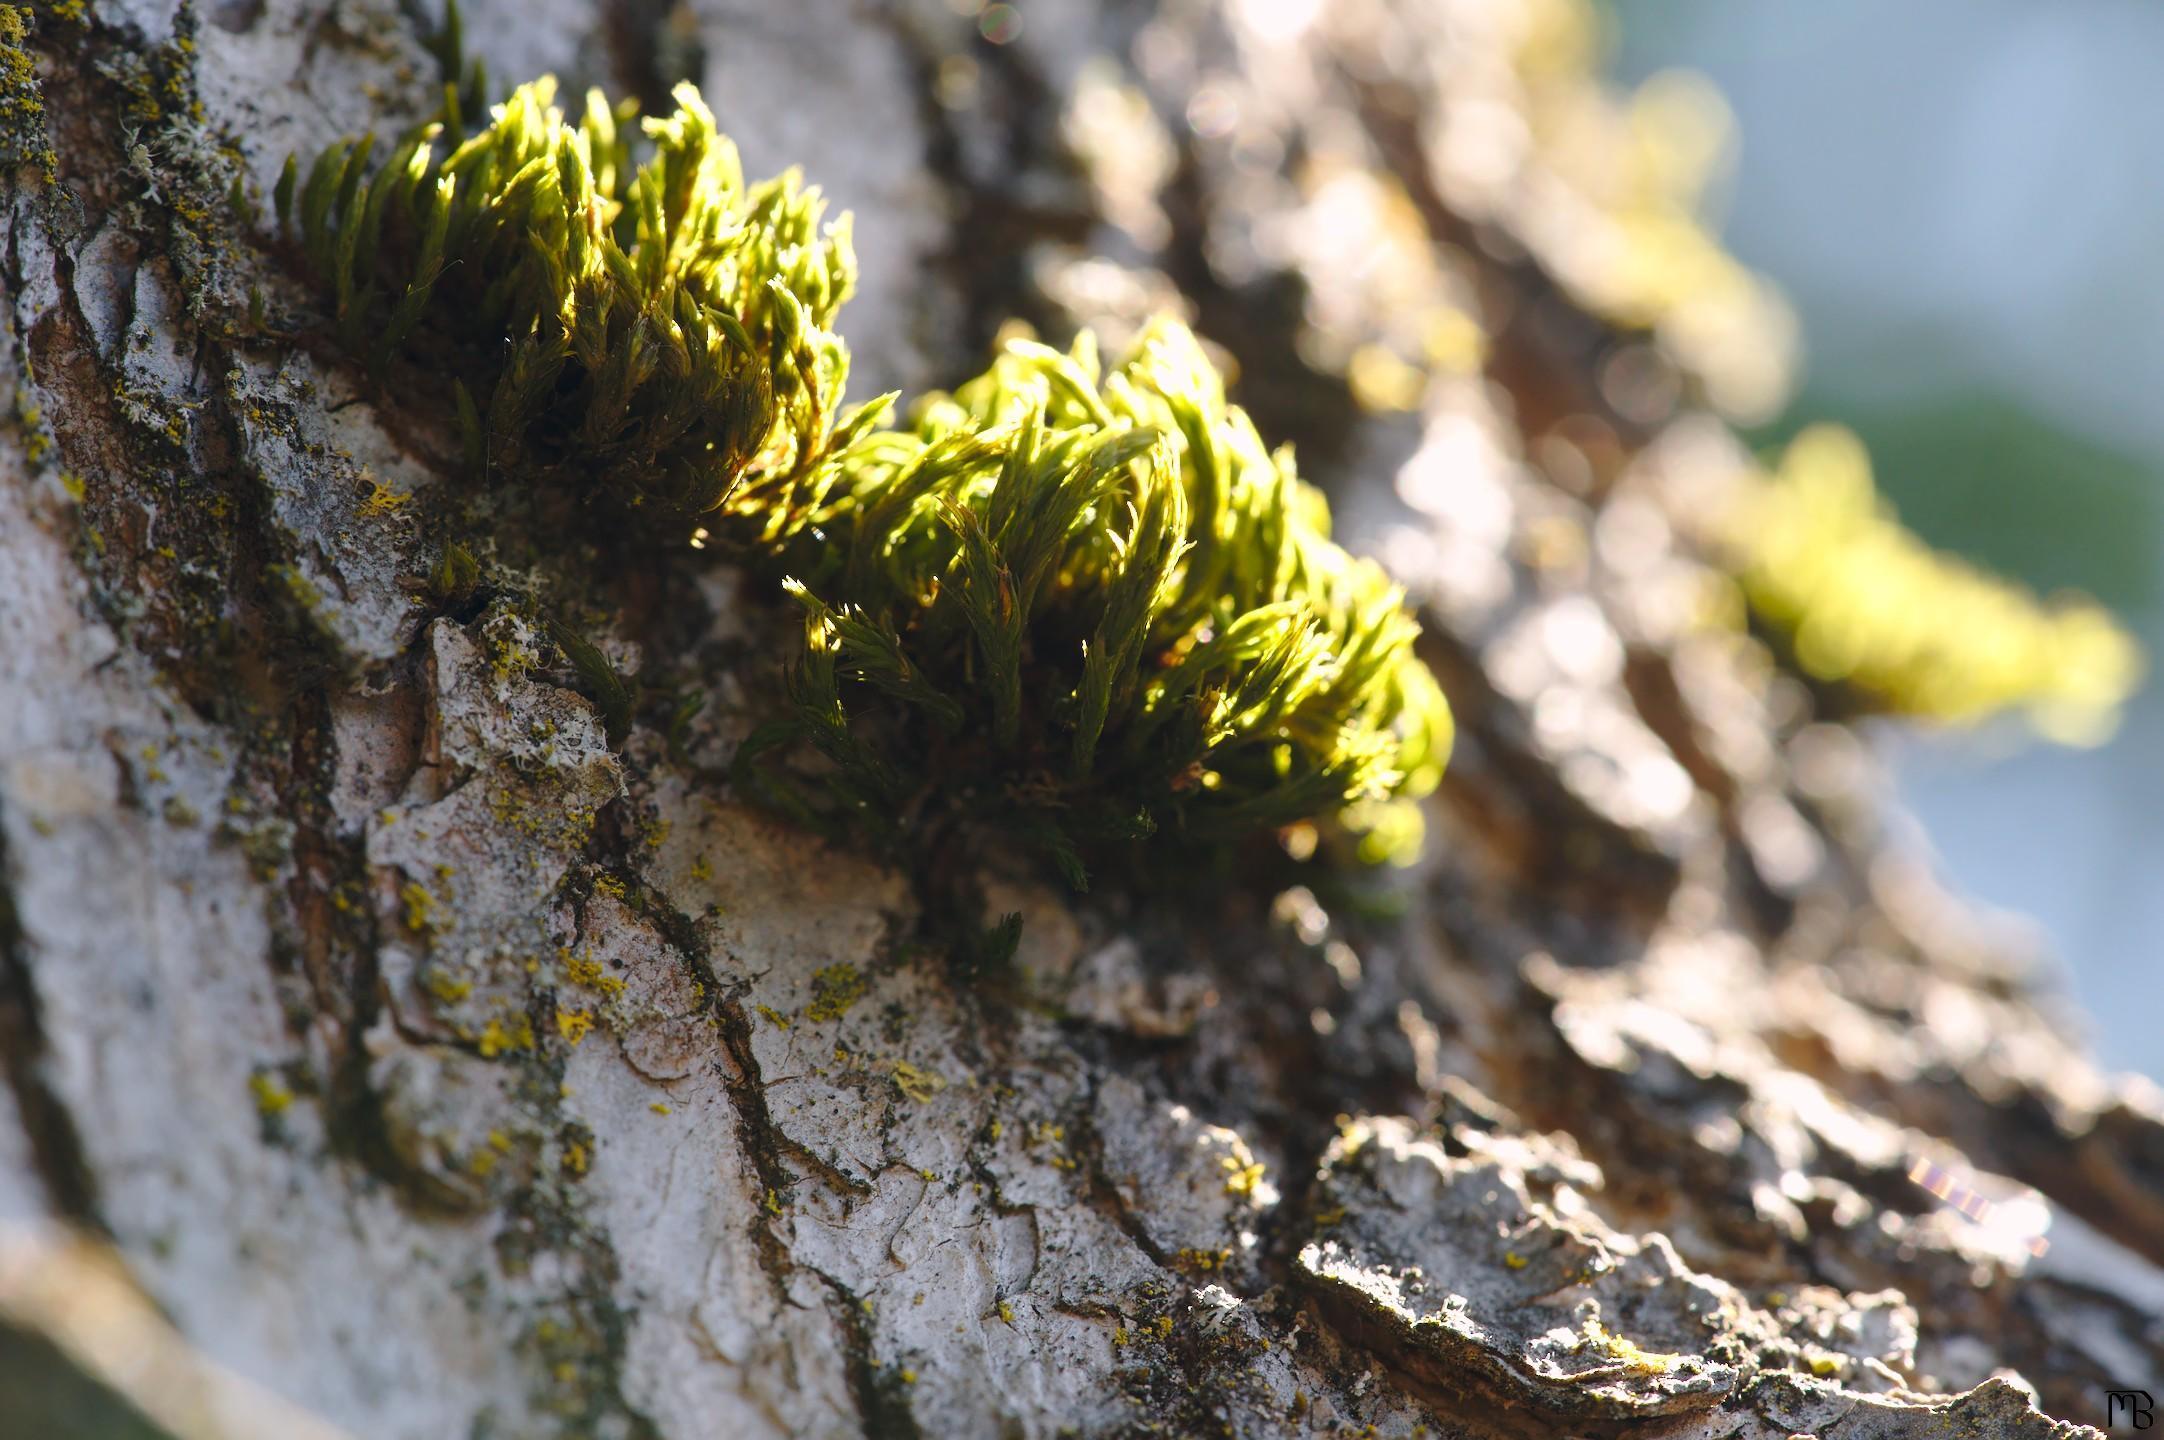 Light caressing green moss